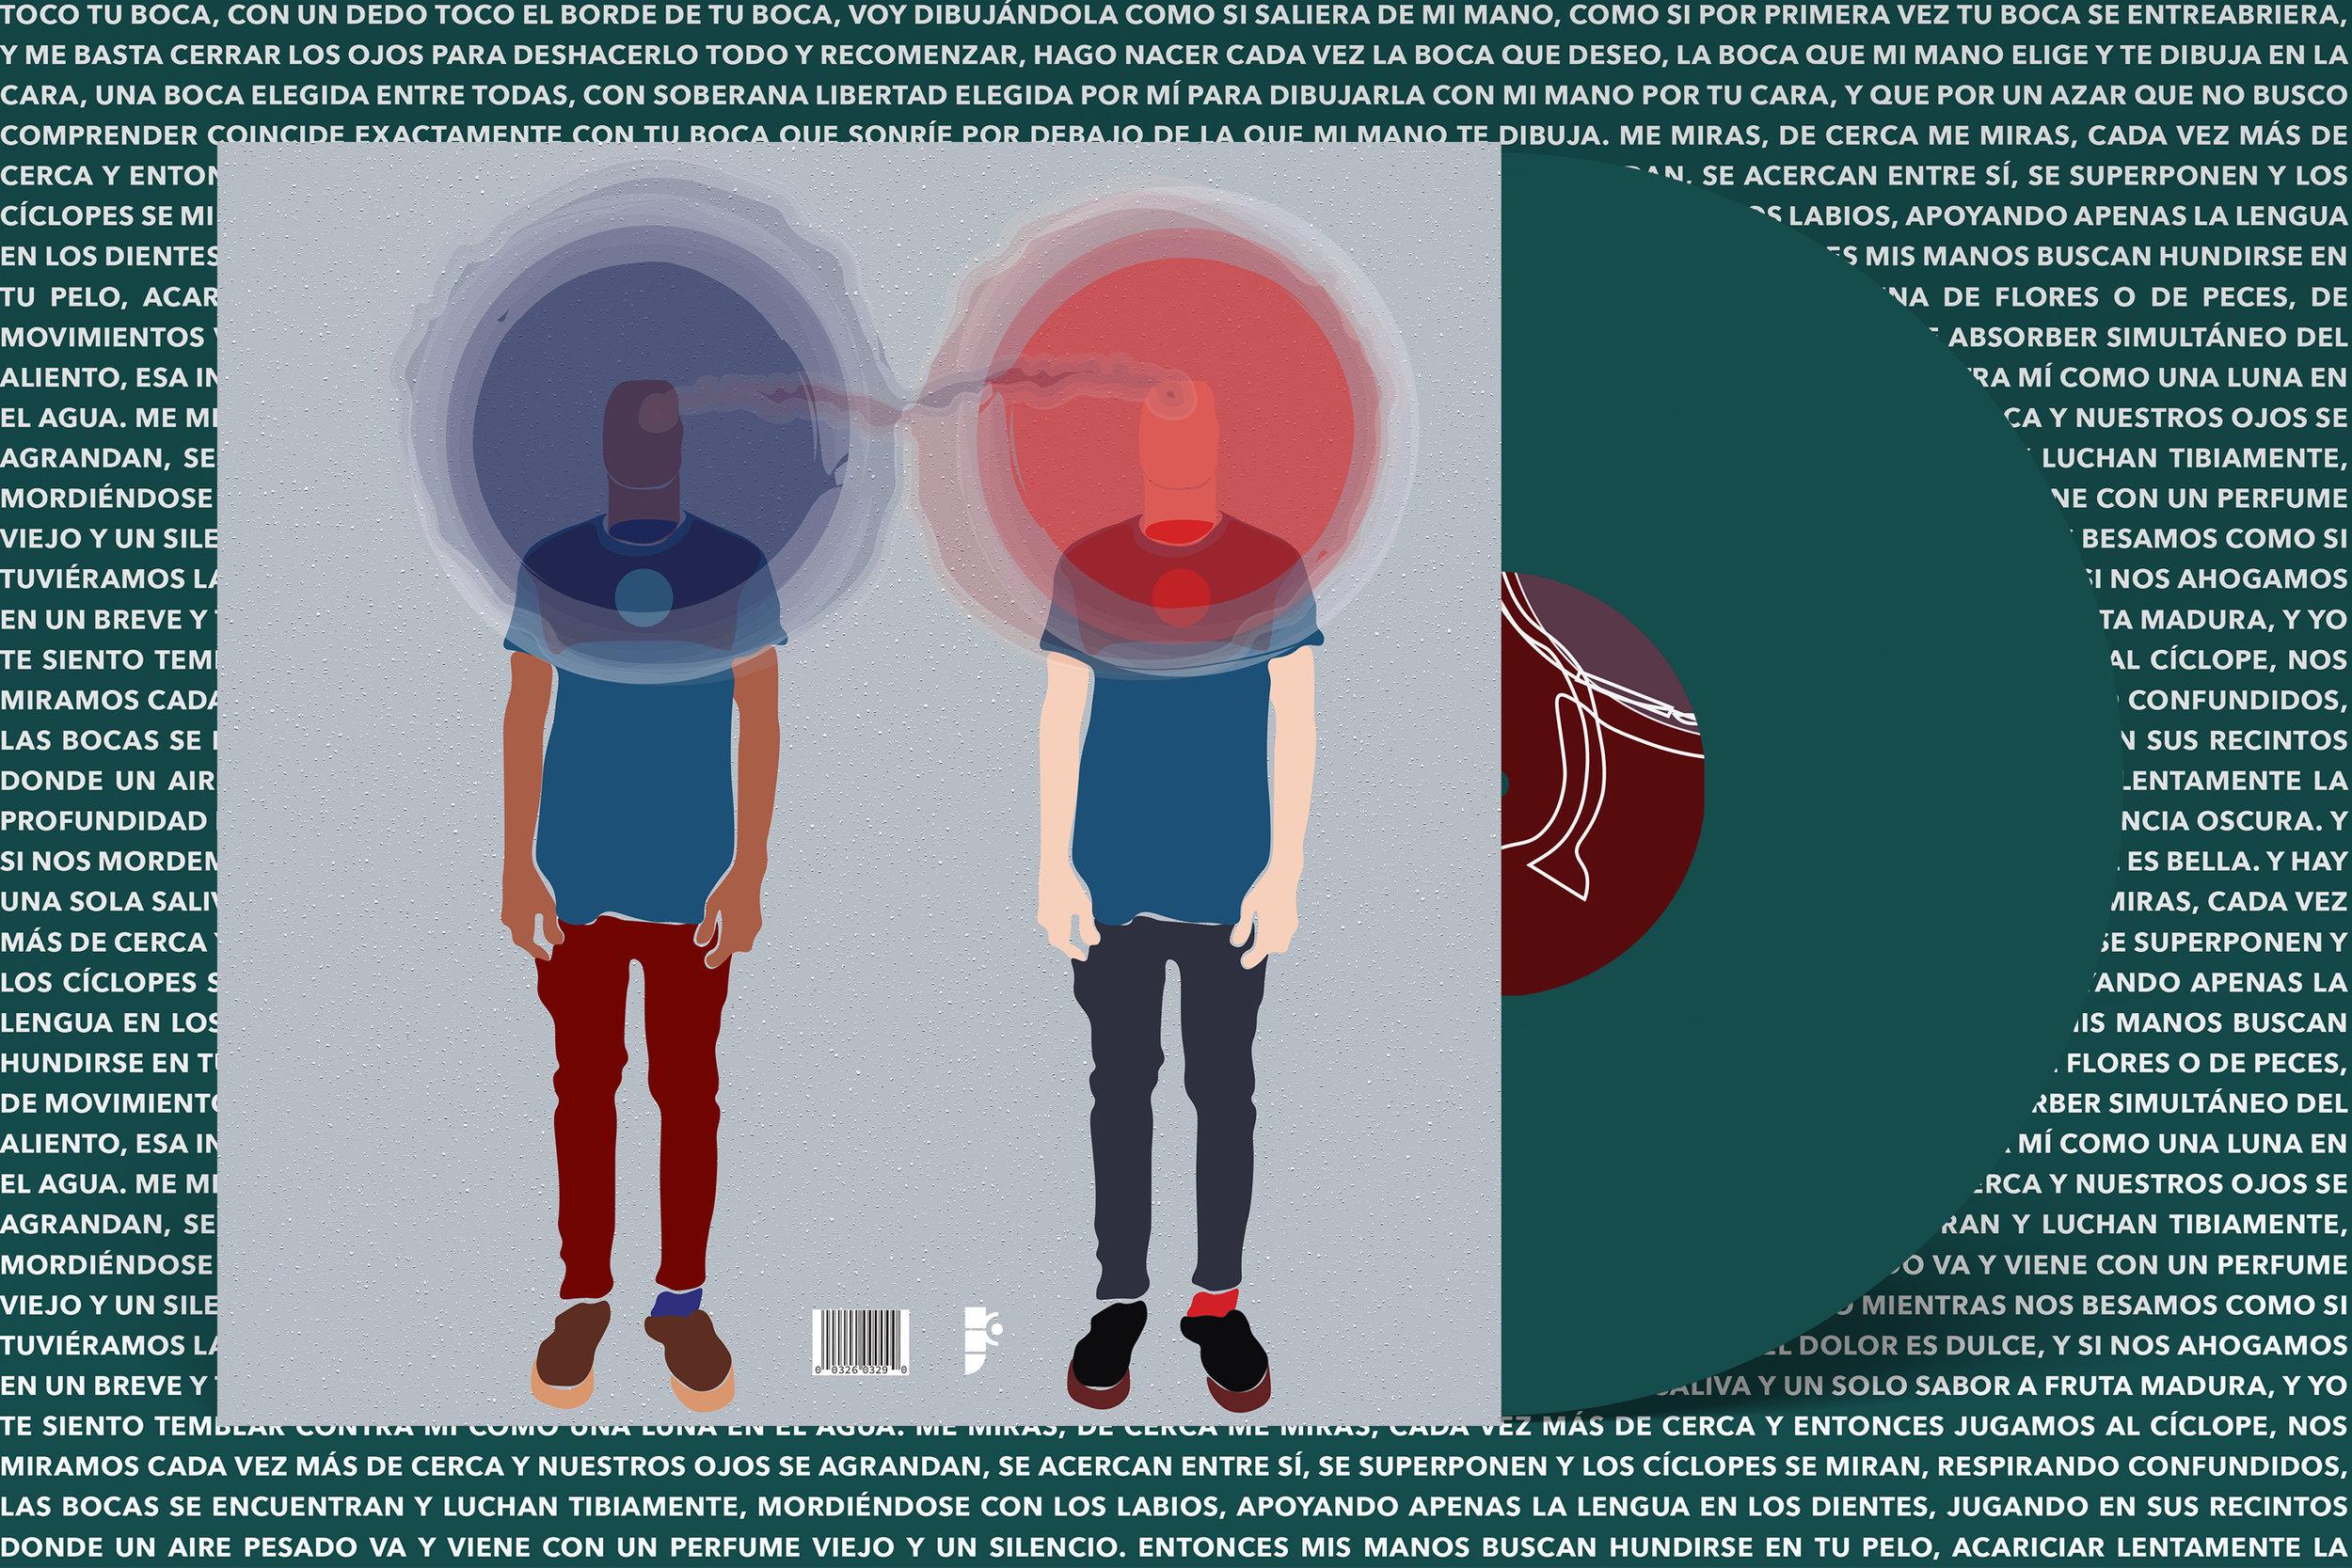 album_cover_11_back.jpg